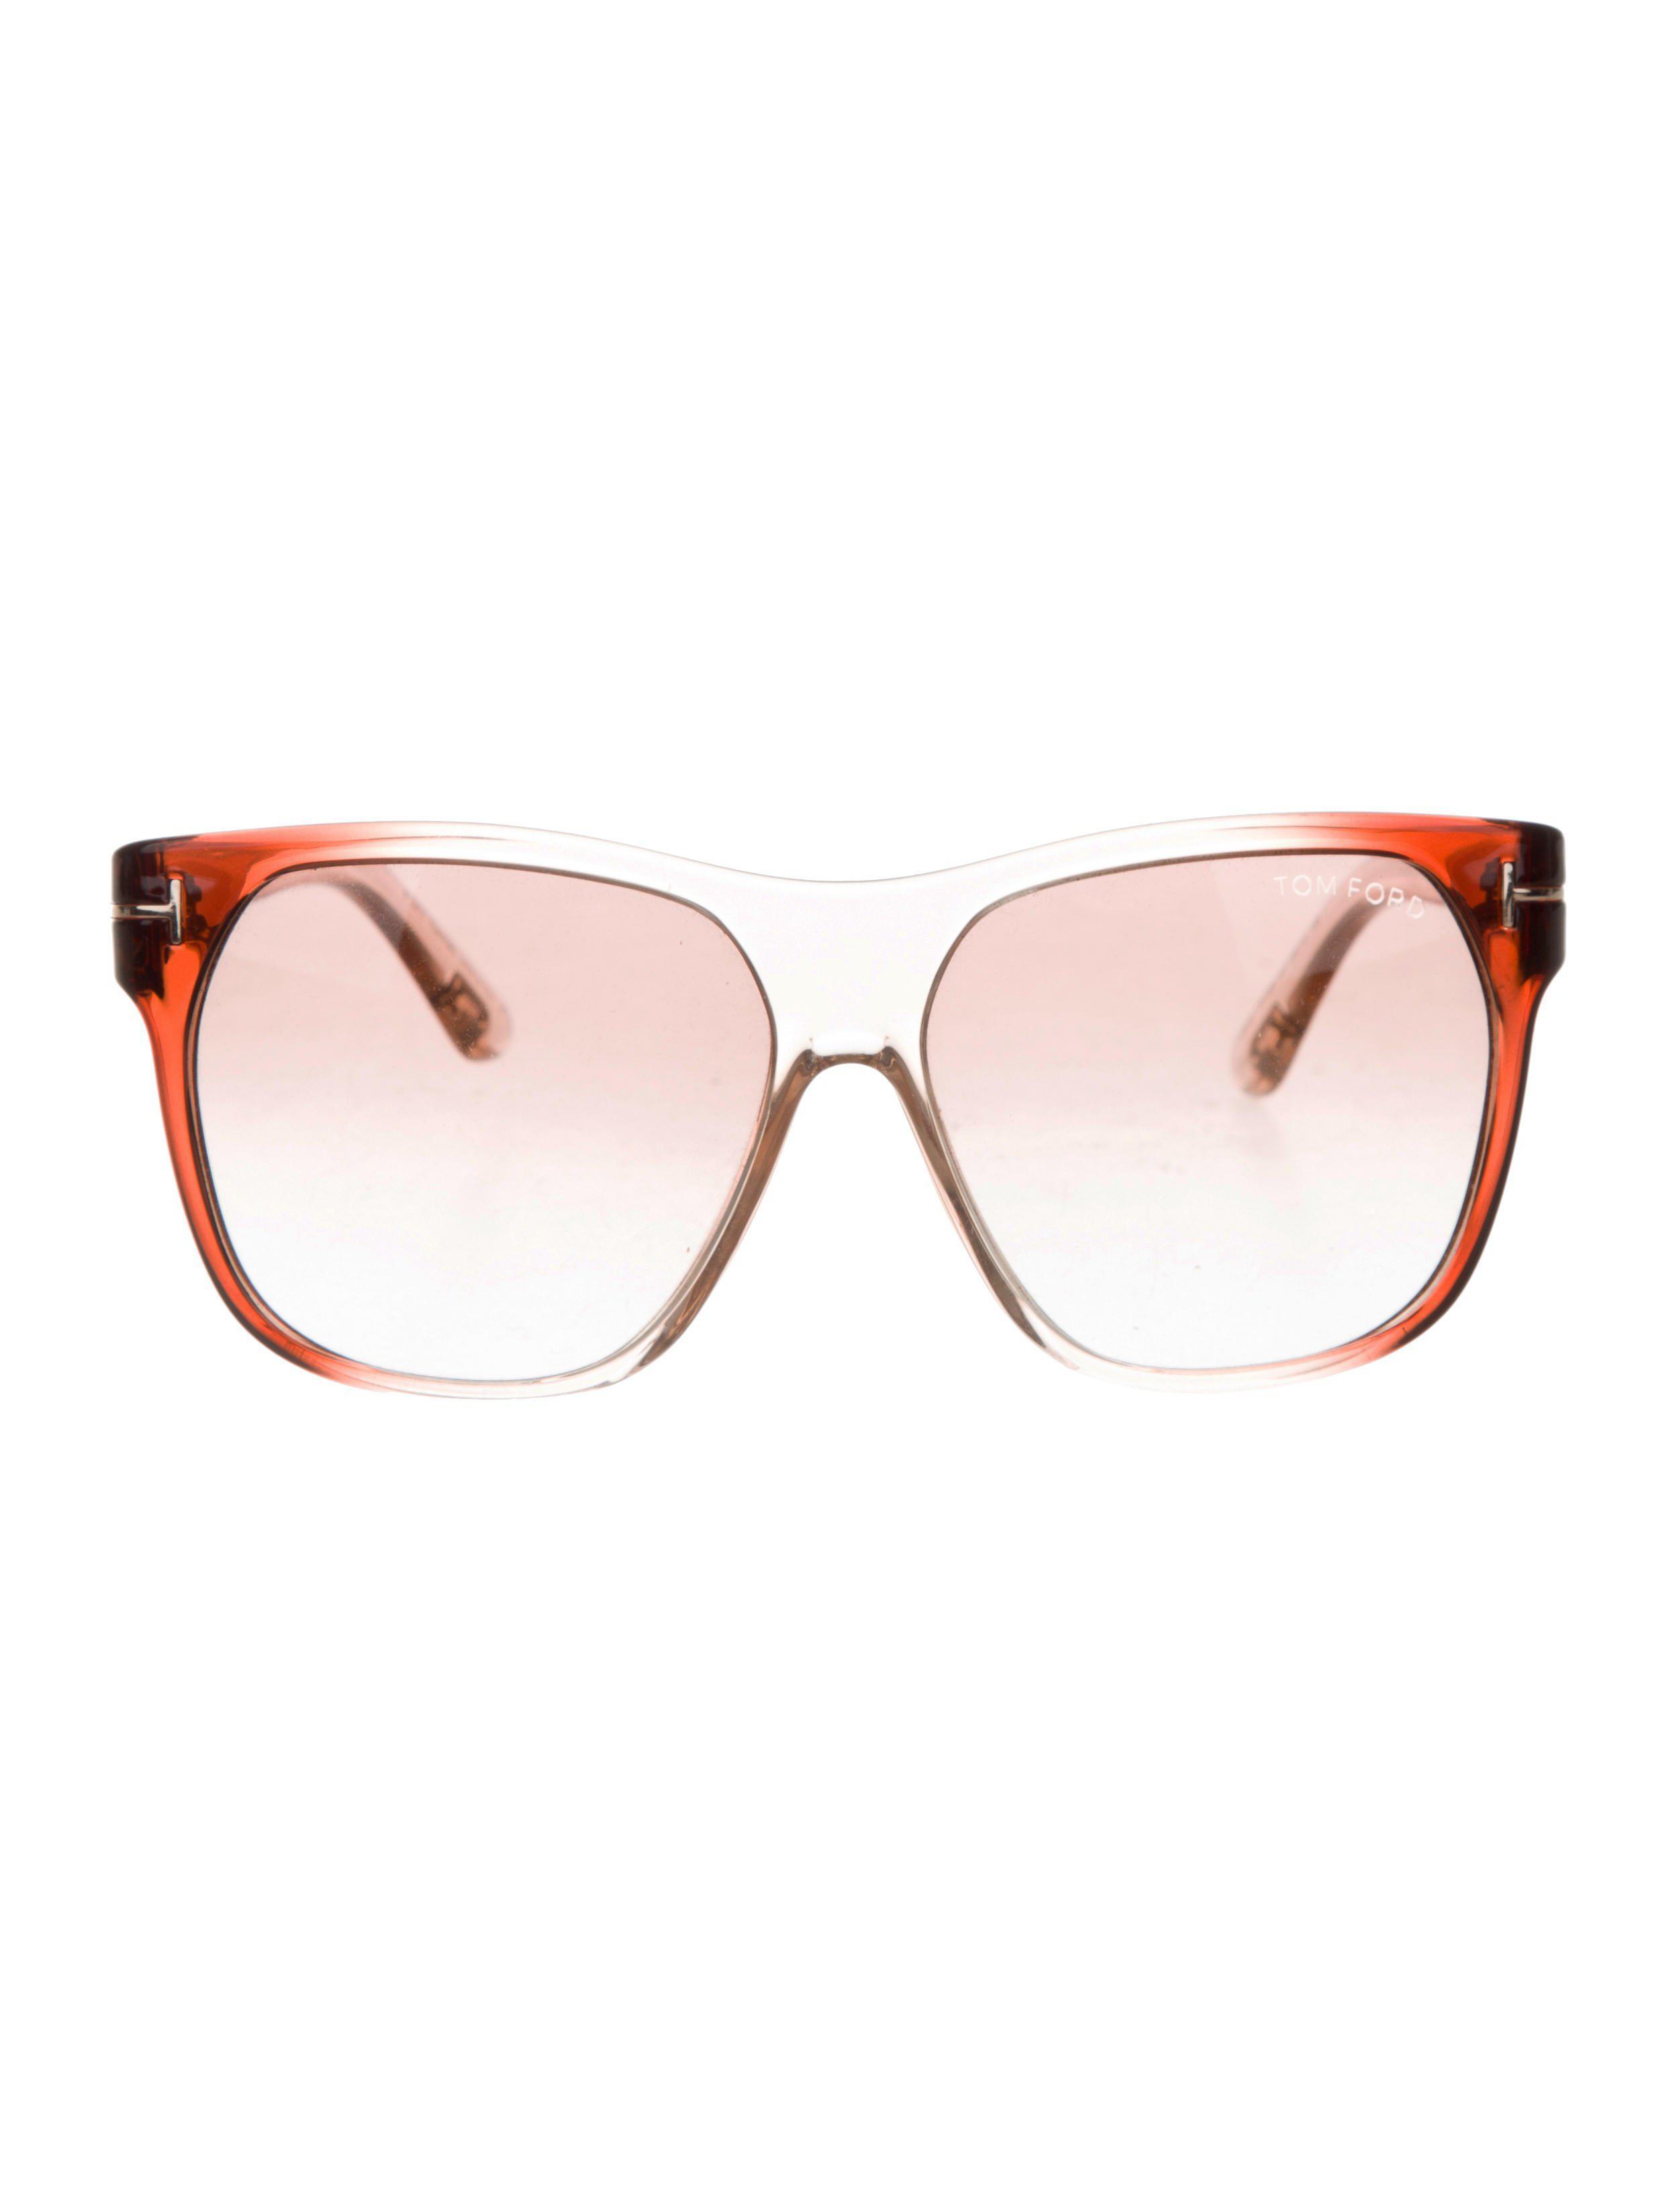 ce8624eea4 Lyst - Tom Ford Frederico Square Sunglasses in Purple